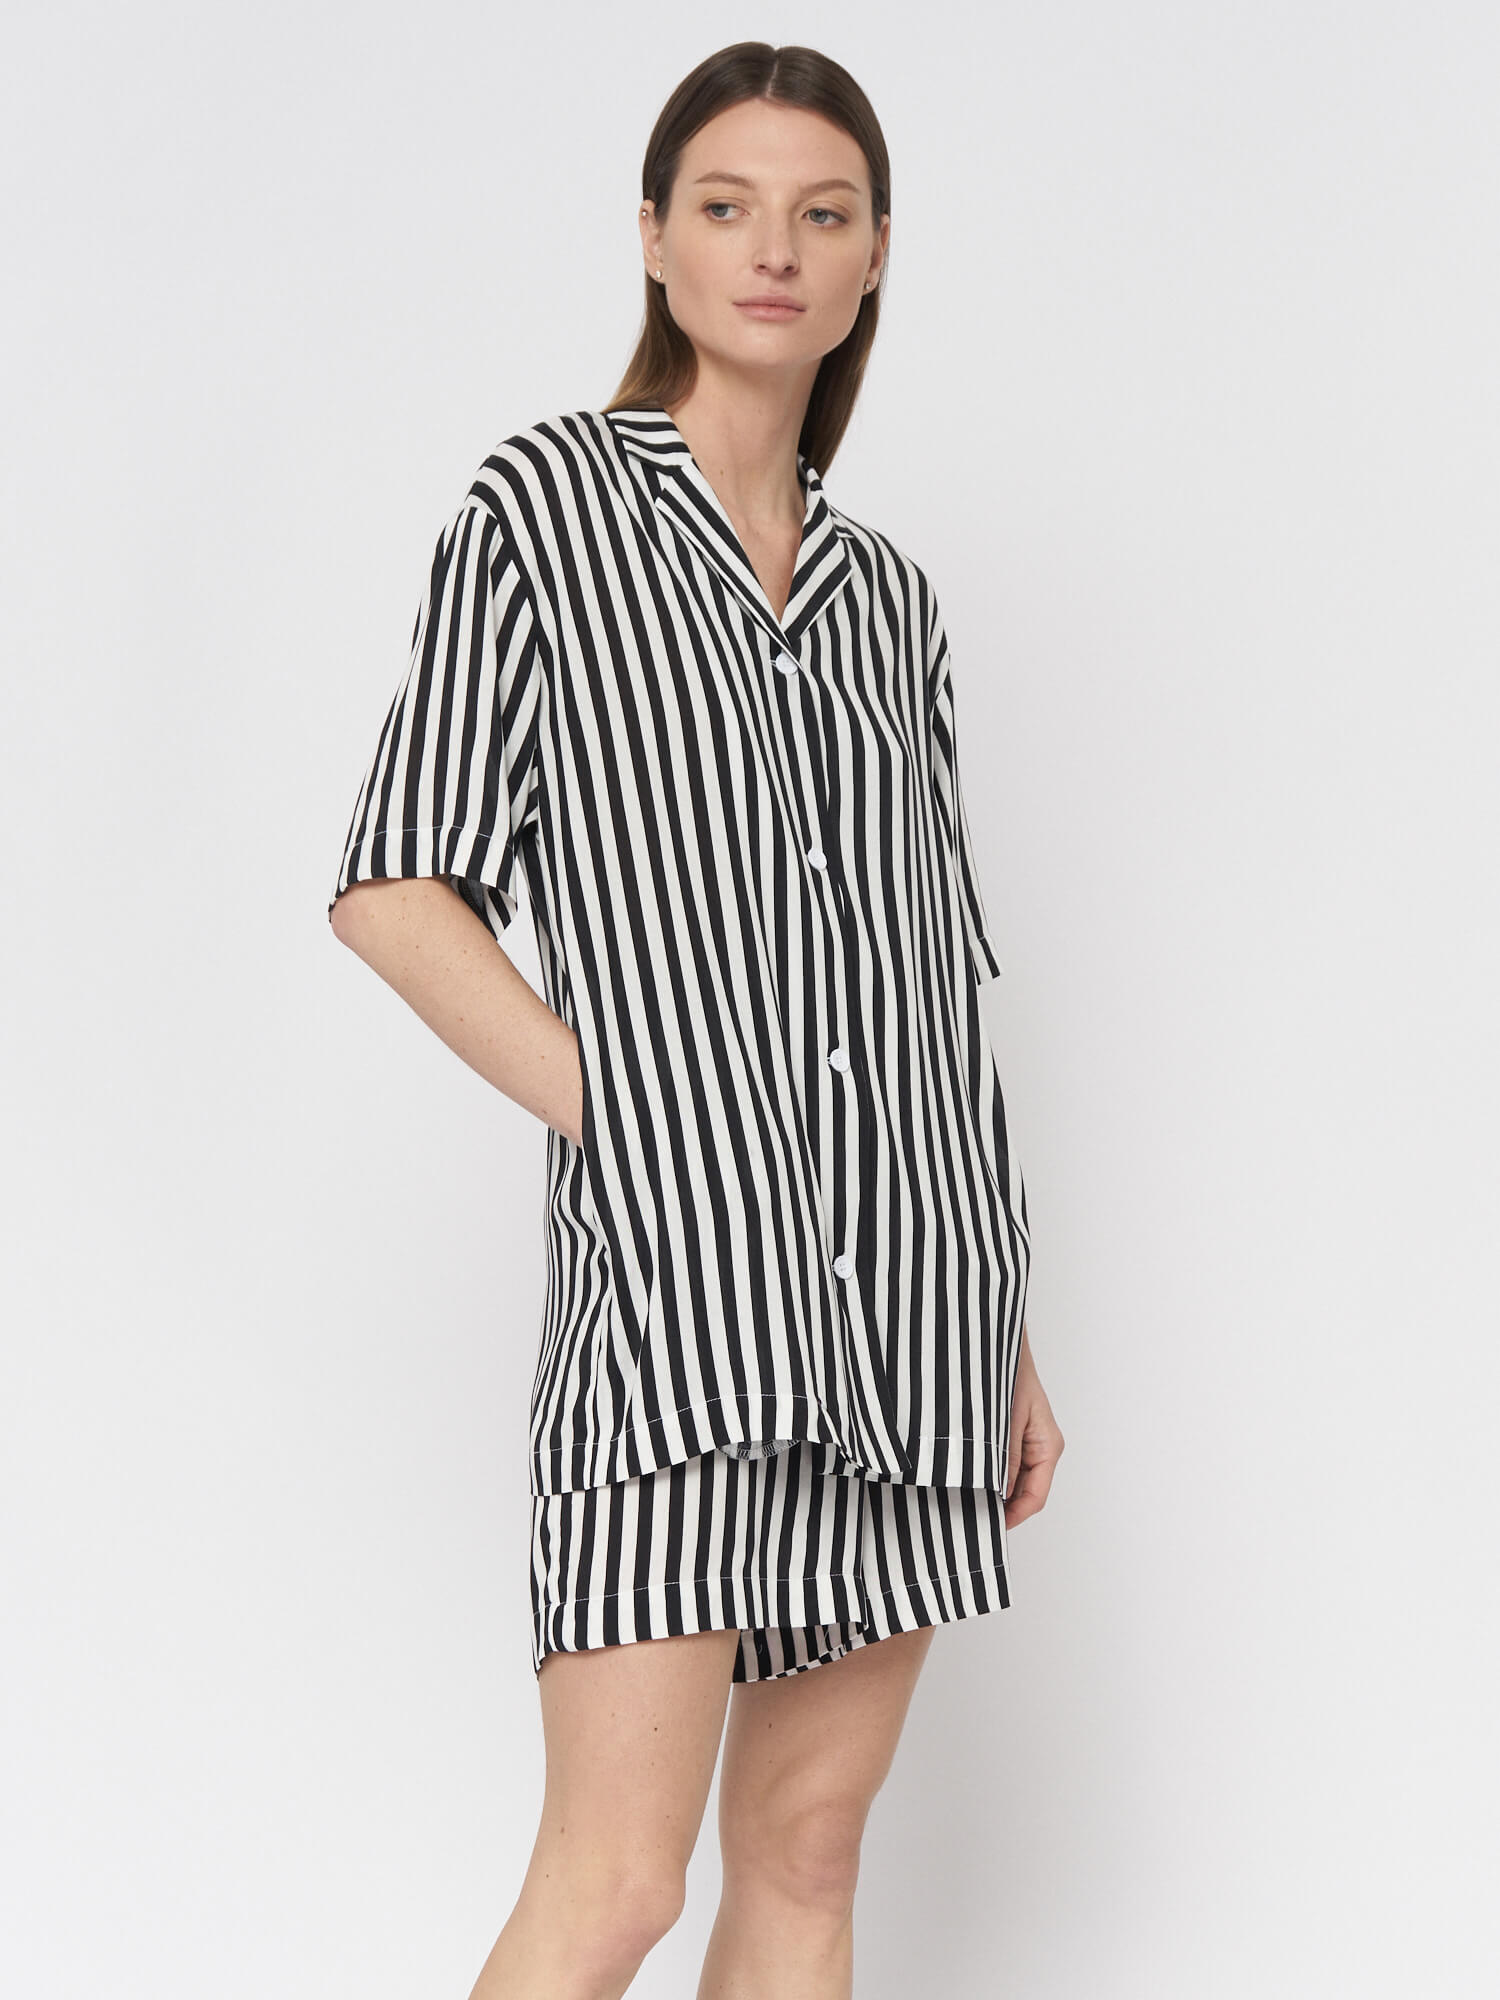 Рубашка в полоску Lexi в пижамном стиле